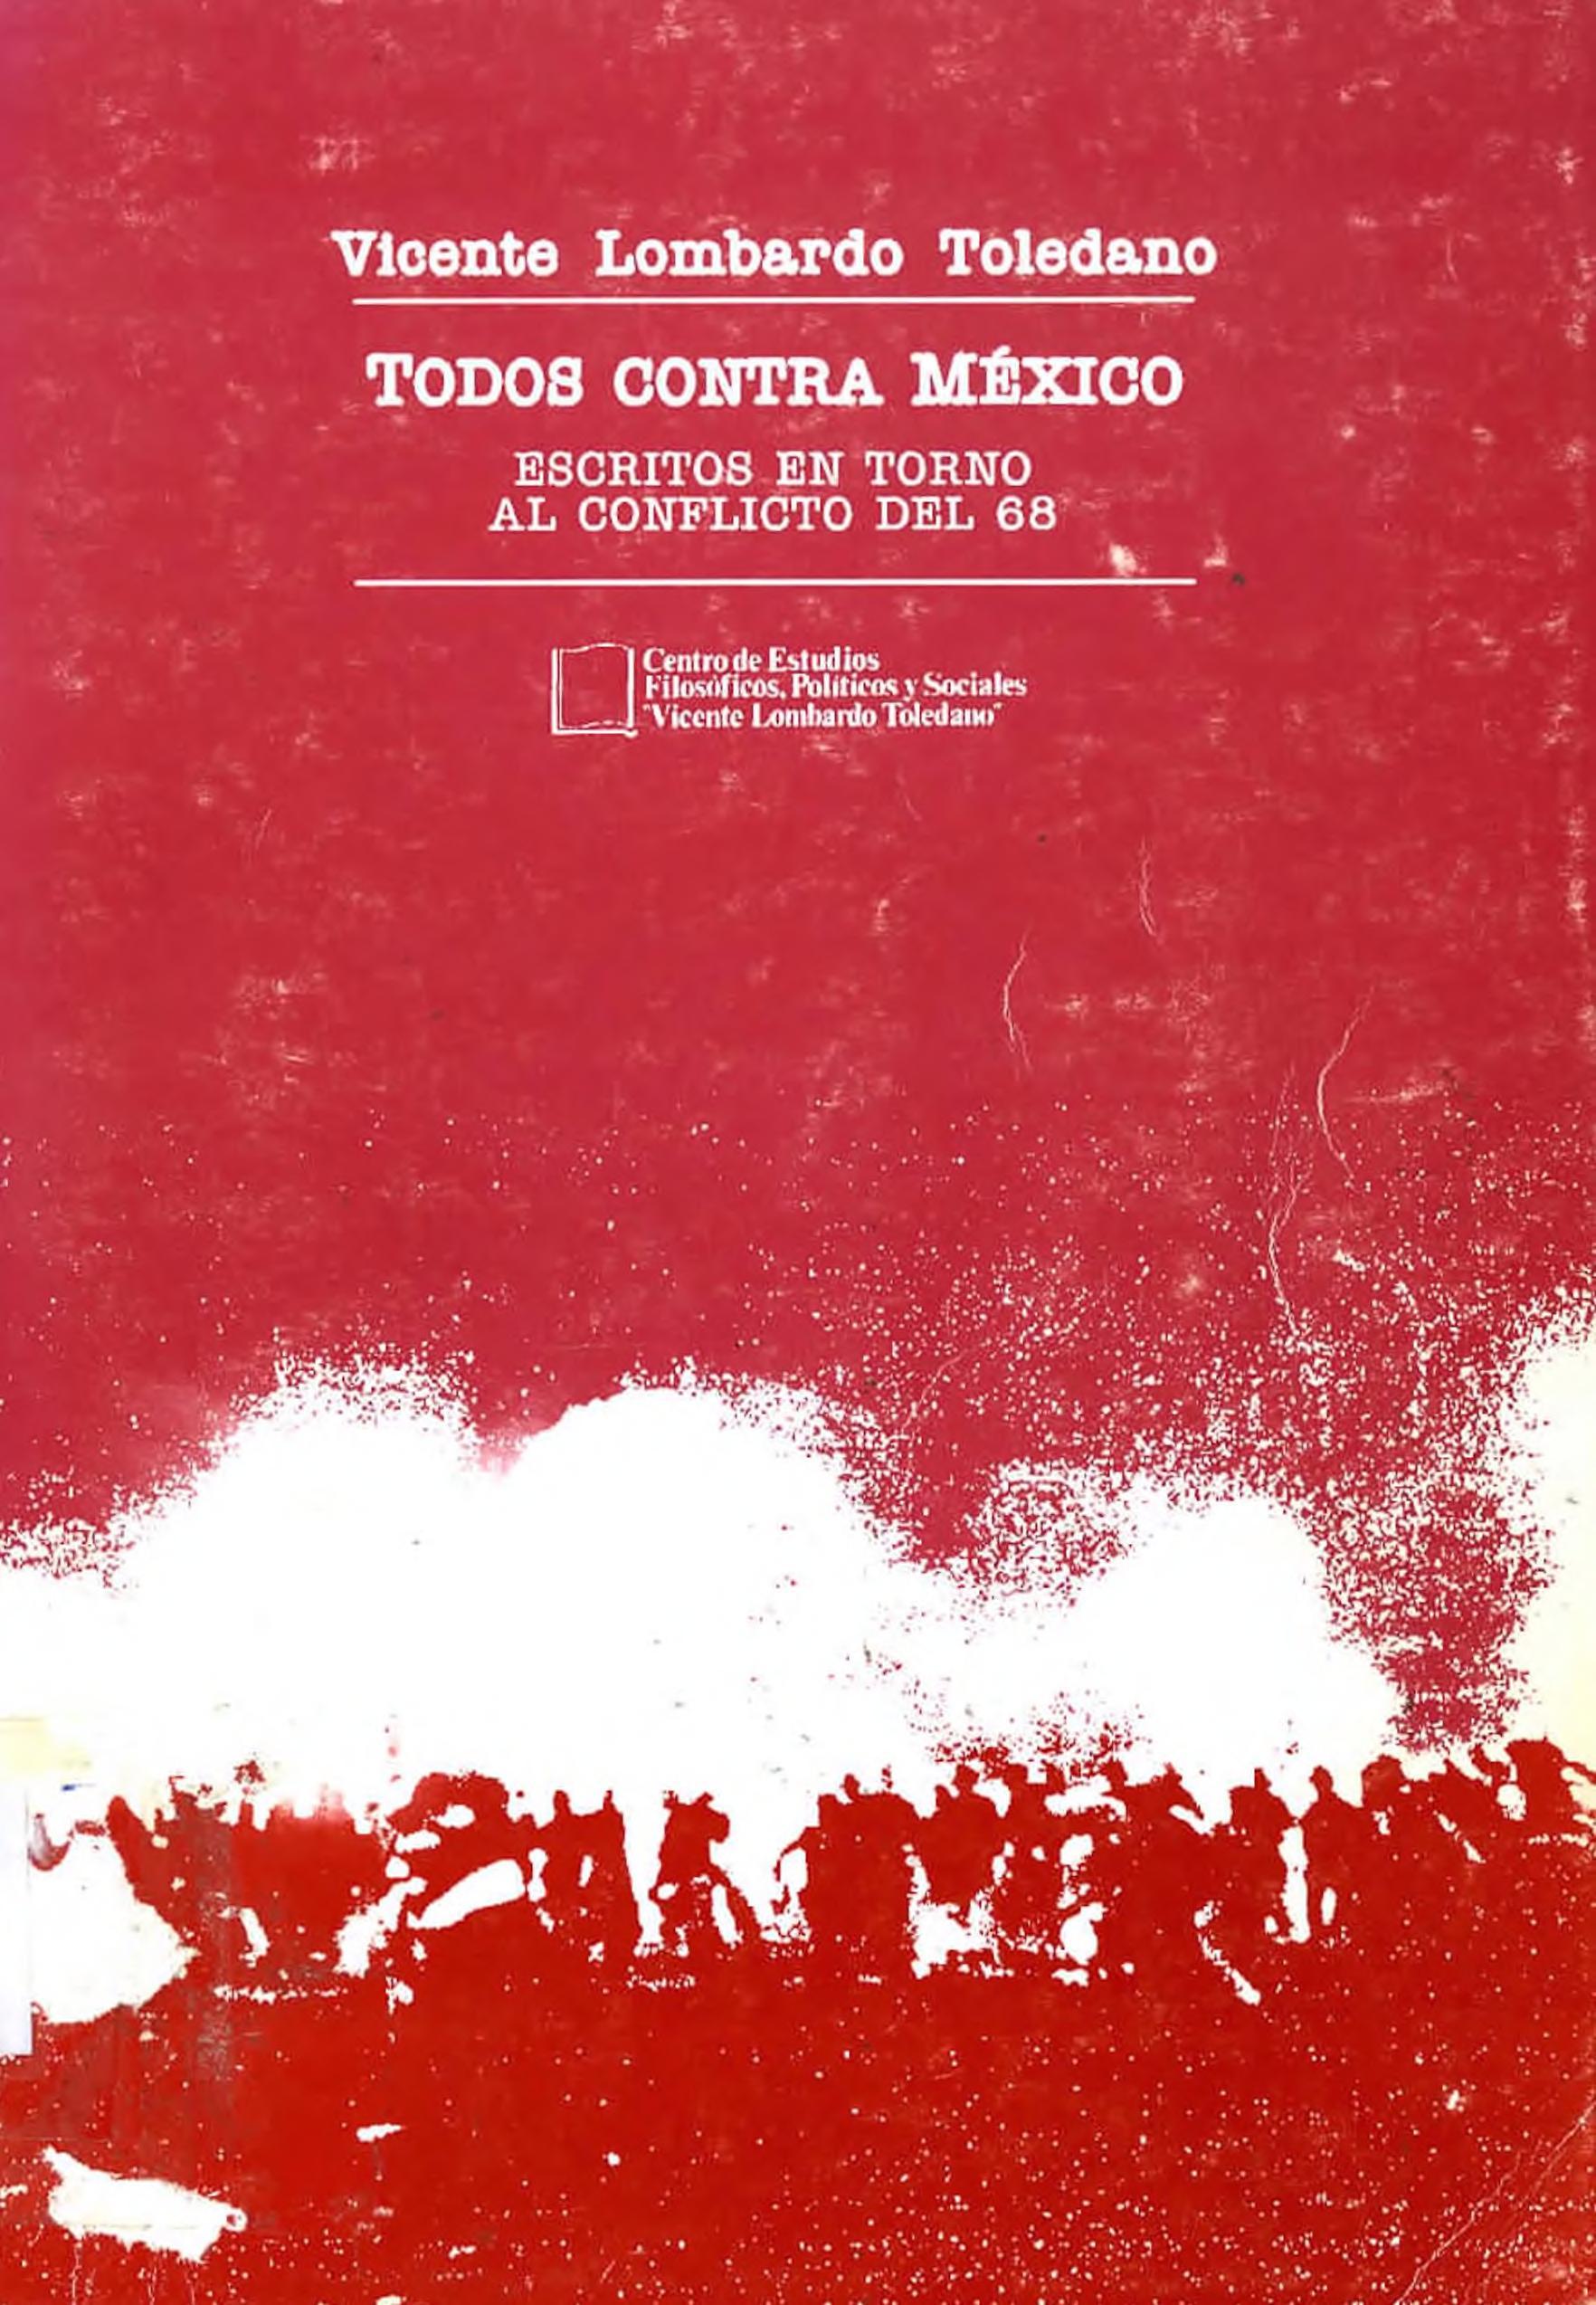 Portada del libro: Todos contra México: escritos en torno al conflicto del 68